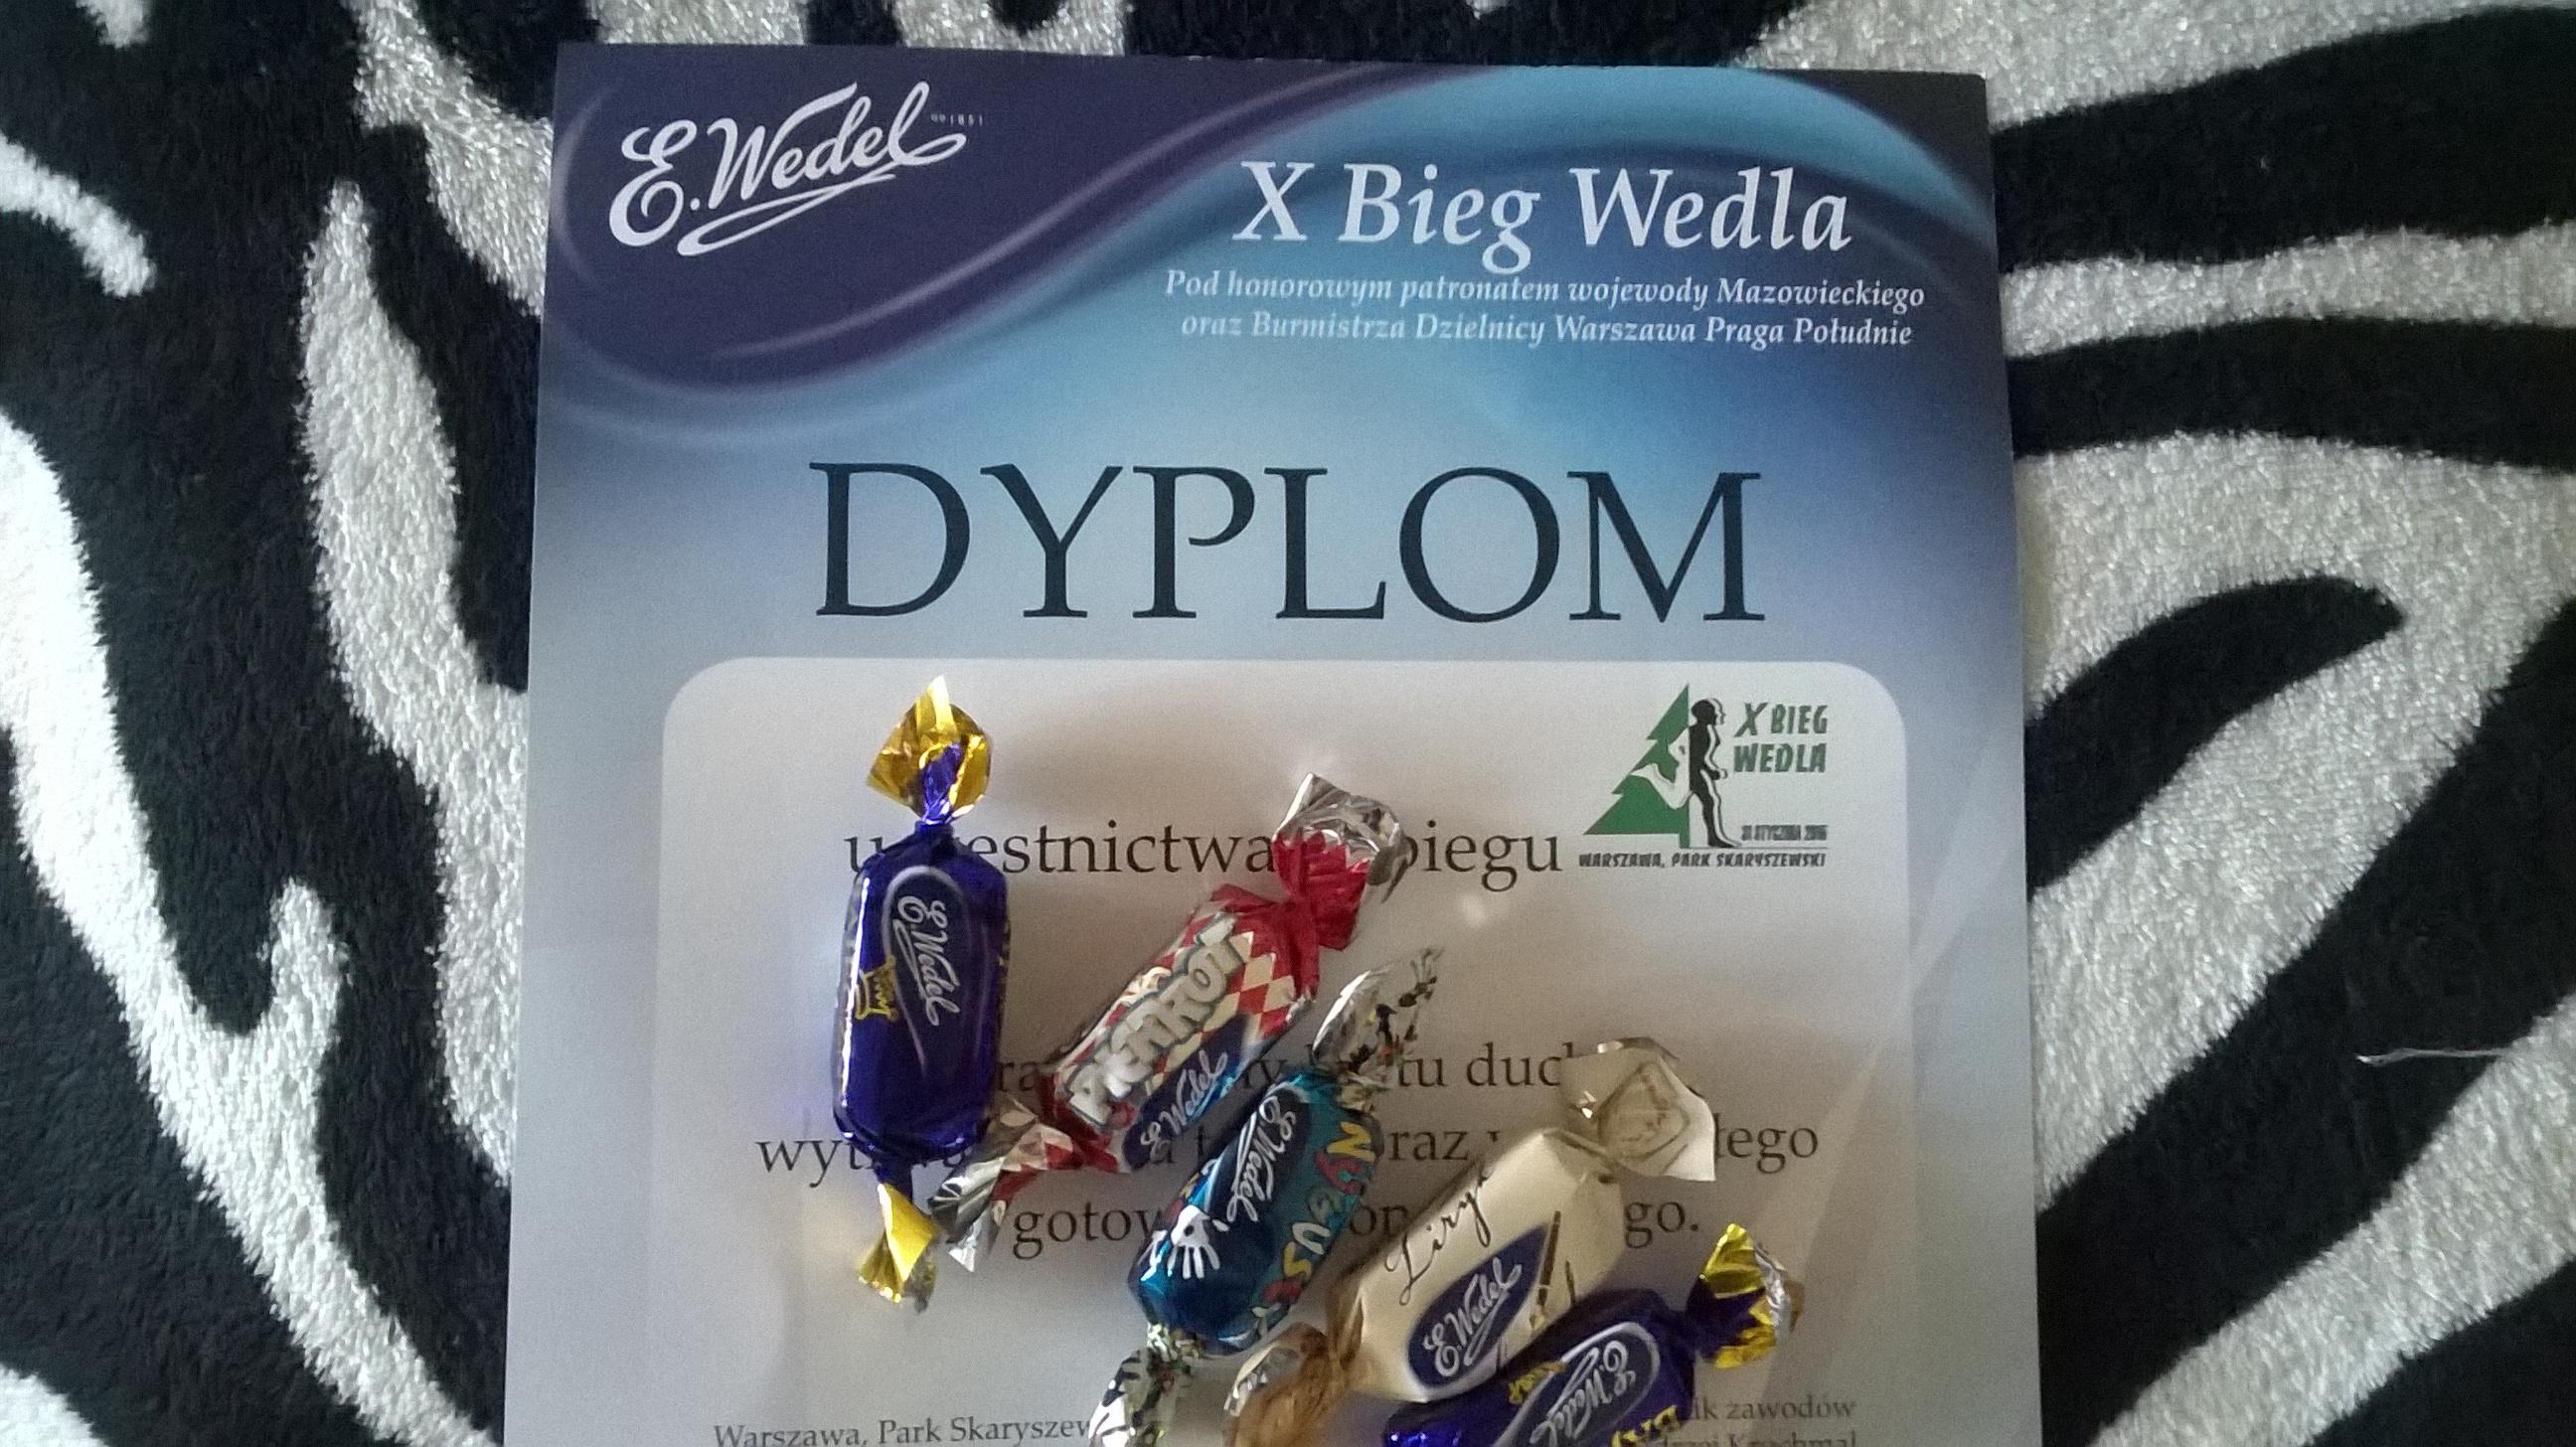 X Bieg Wedla, iście słodki!